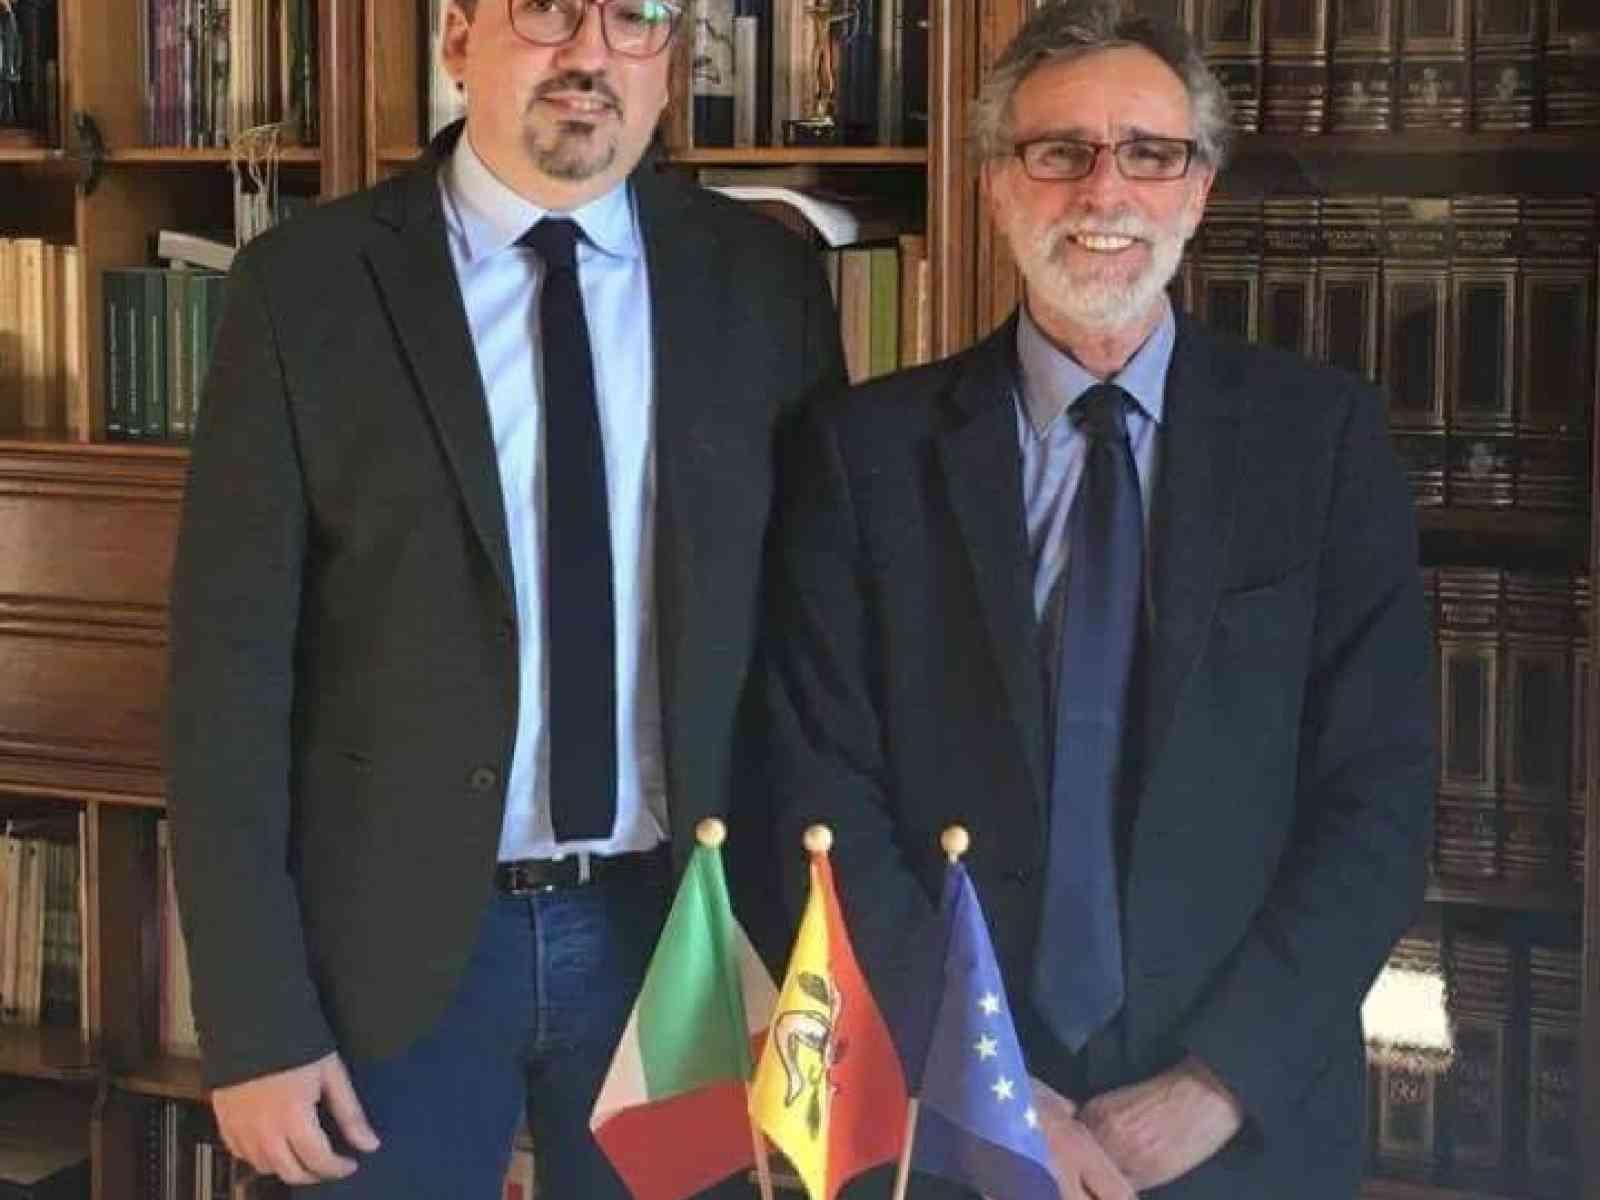 Menfi. Alfonso Fiumarella è il nuovo Assessore alle Politiche sociali ed all'Agricoltura